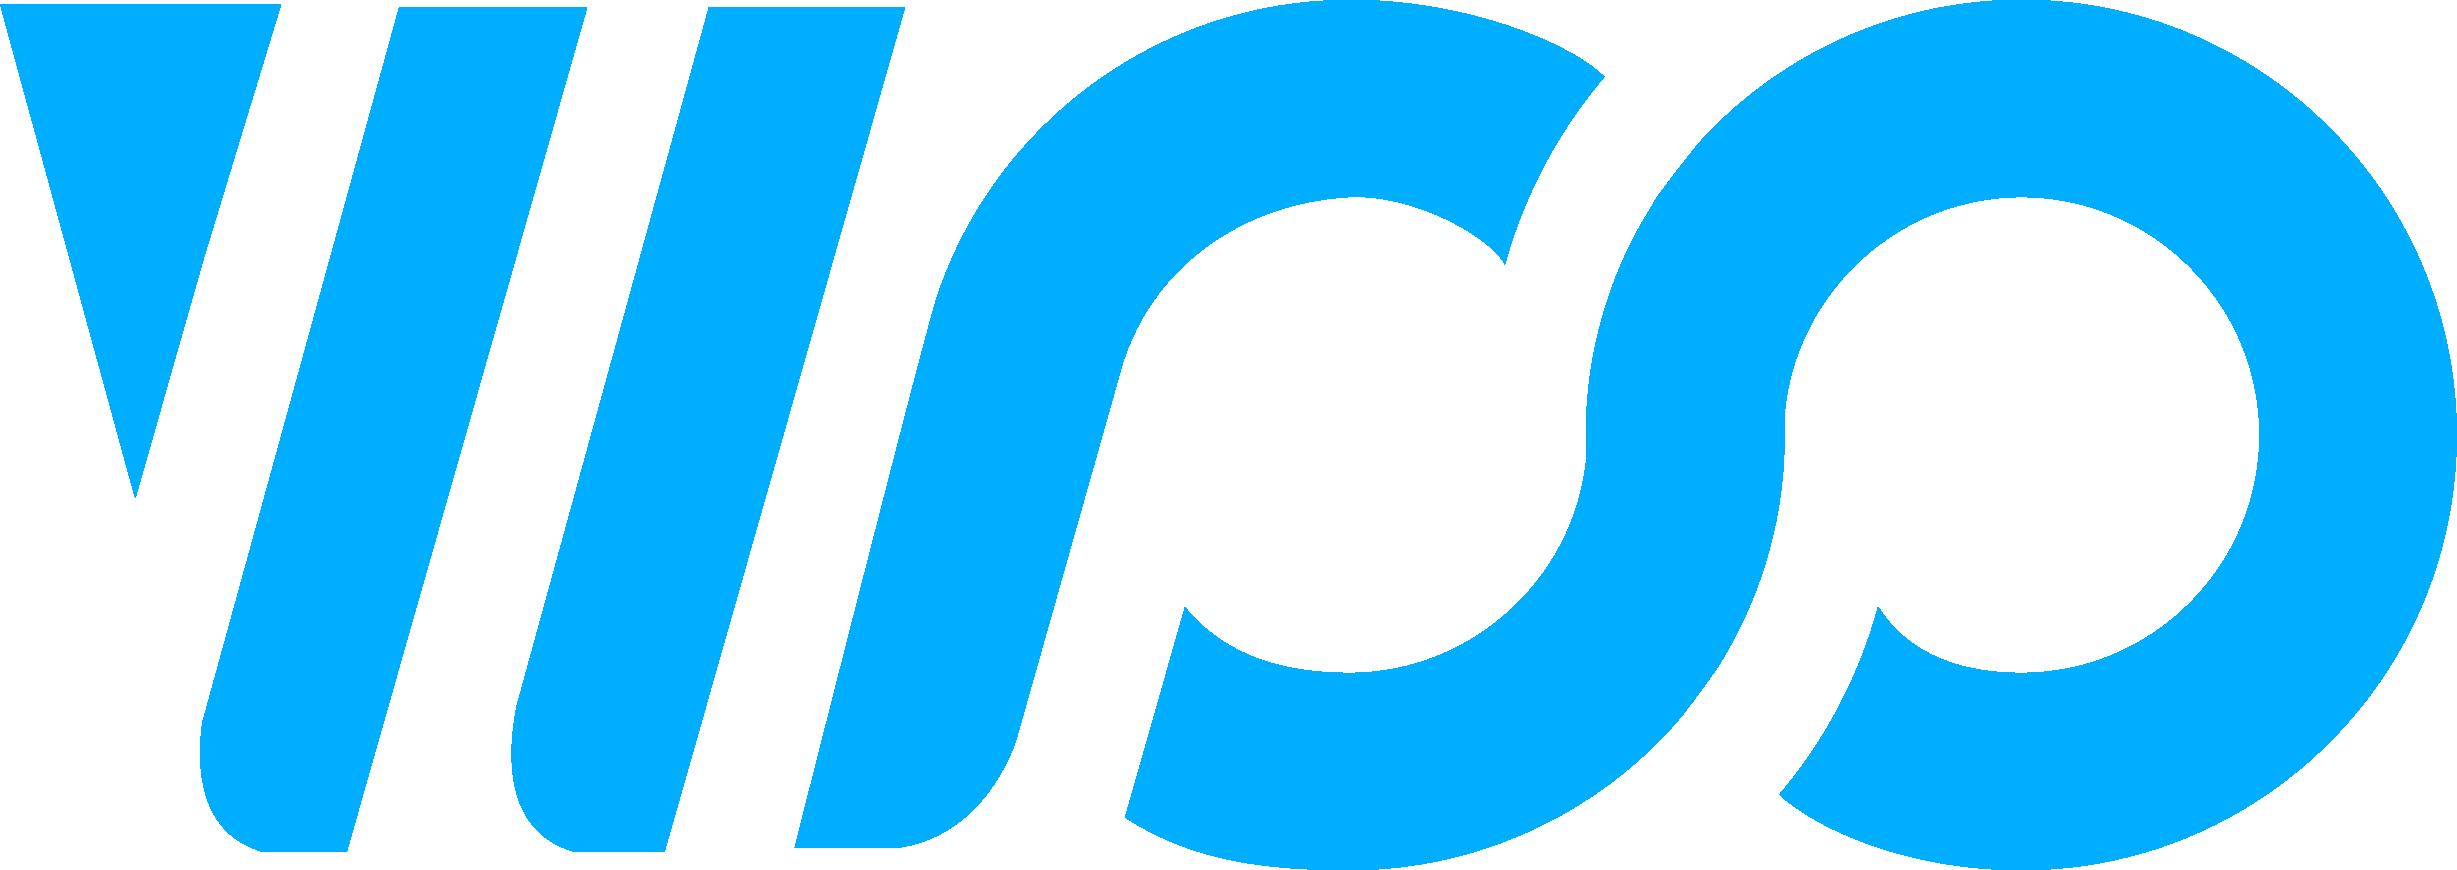 WOO_logo_00aeff.png